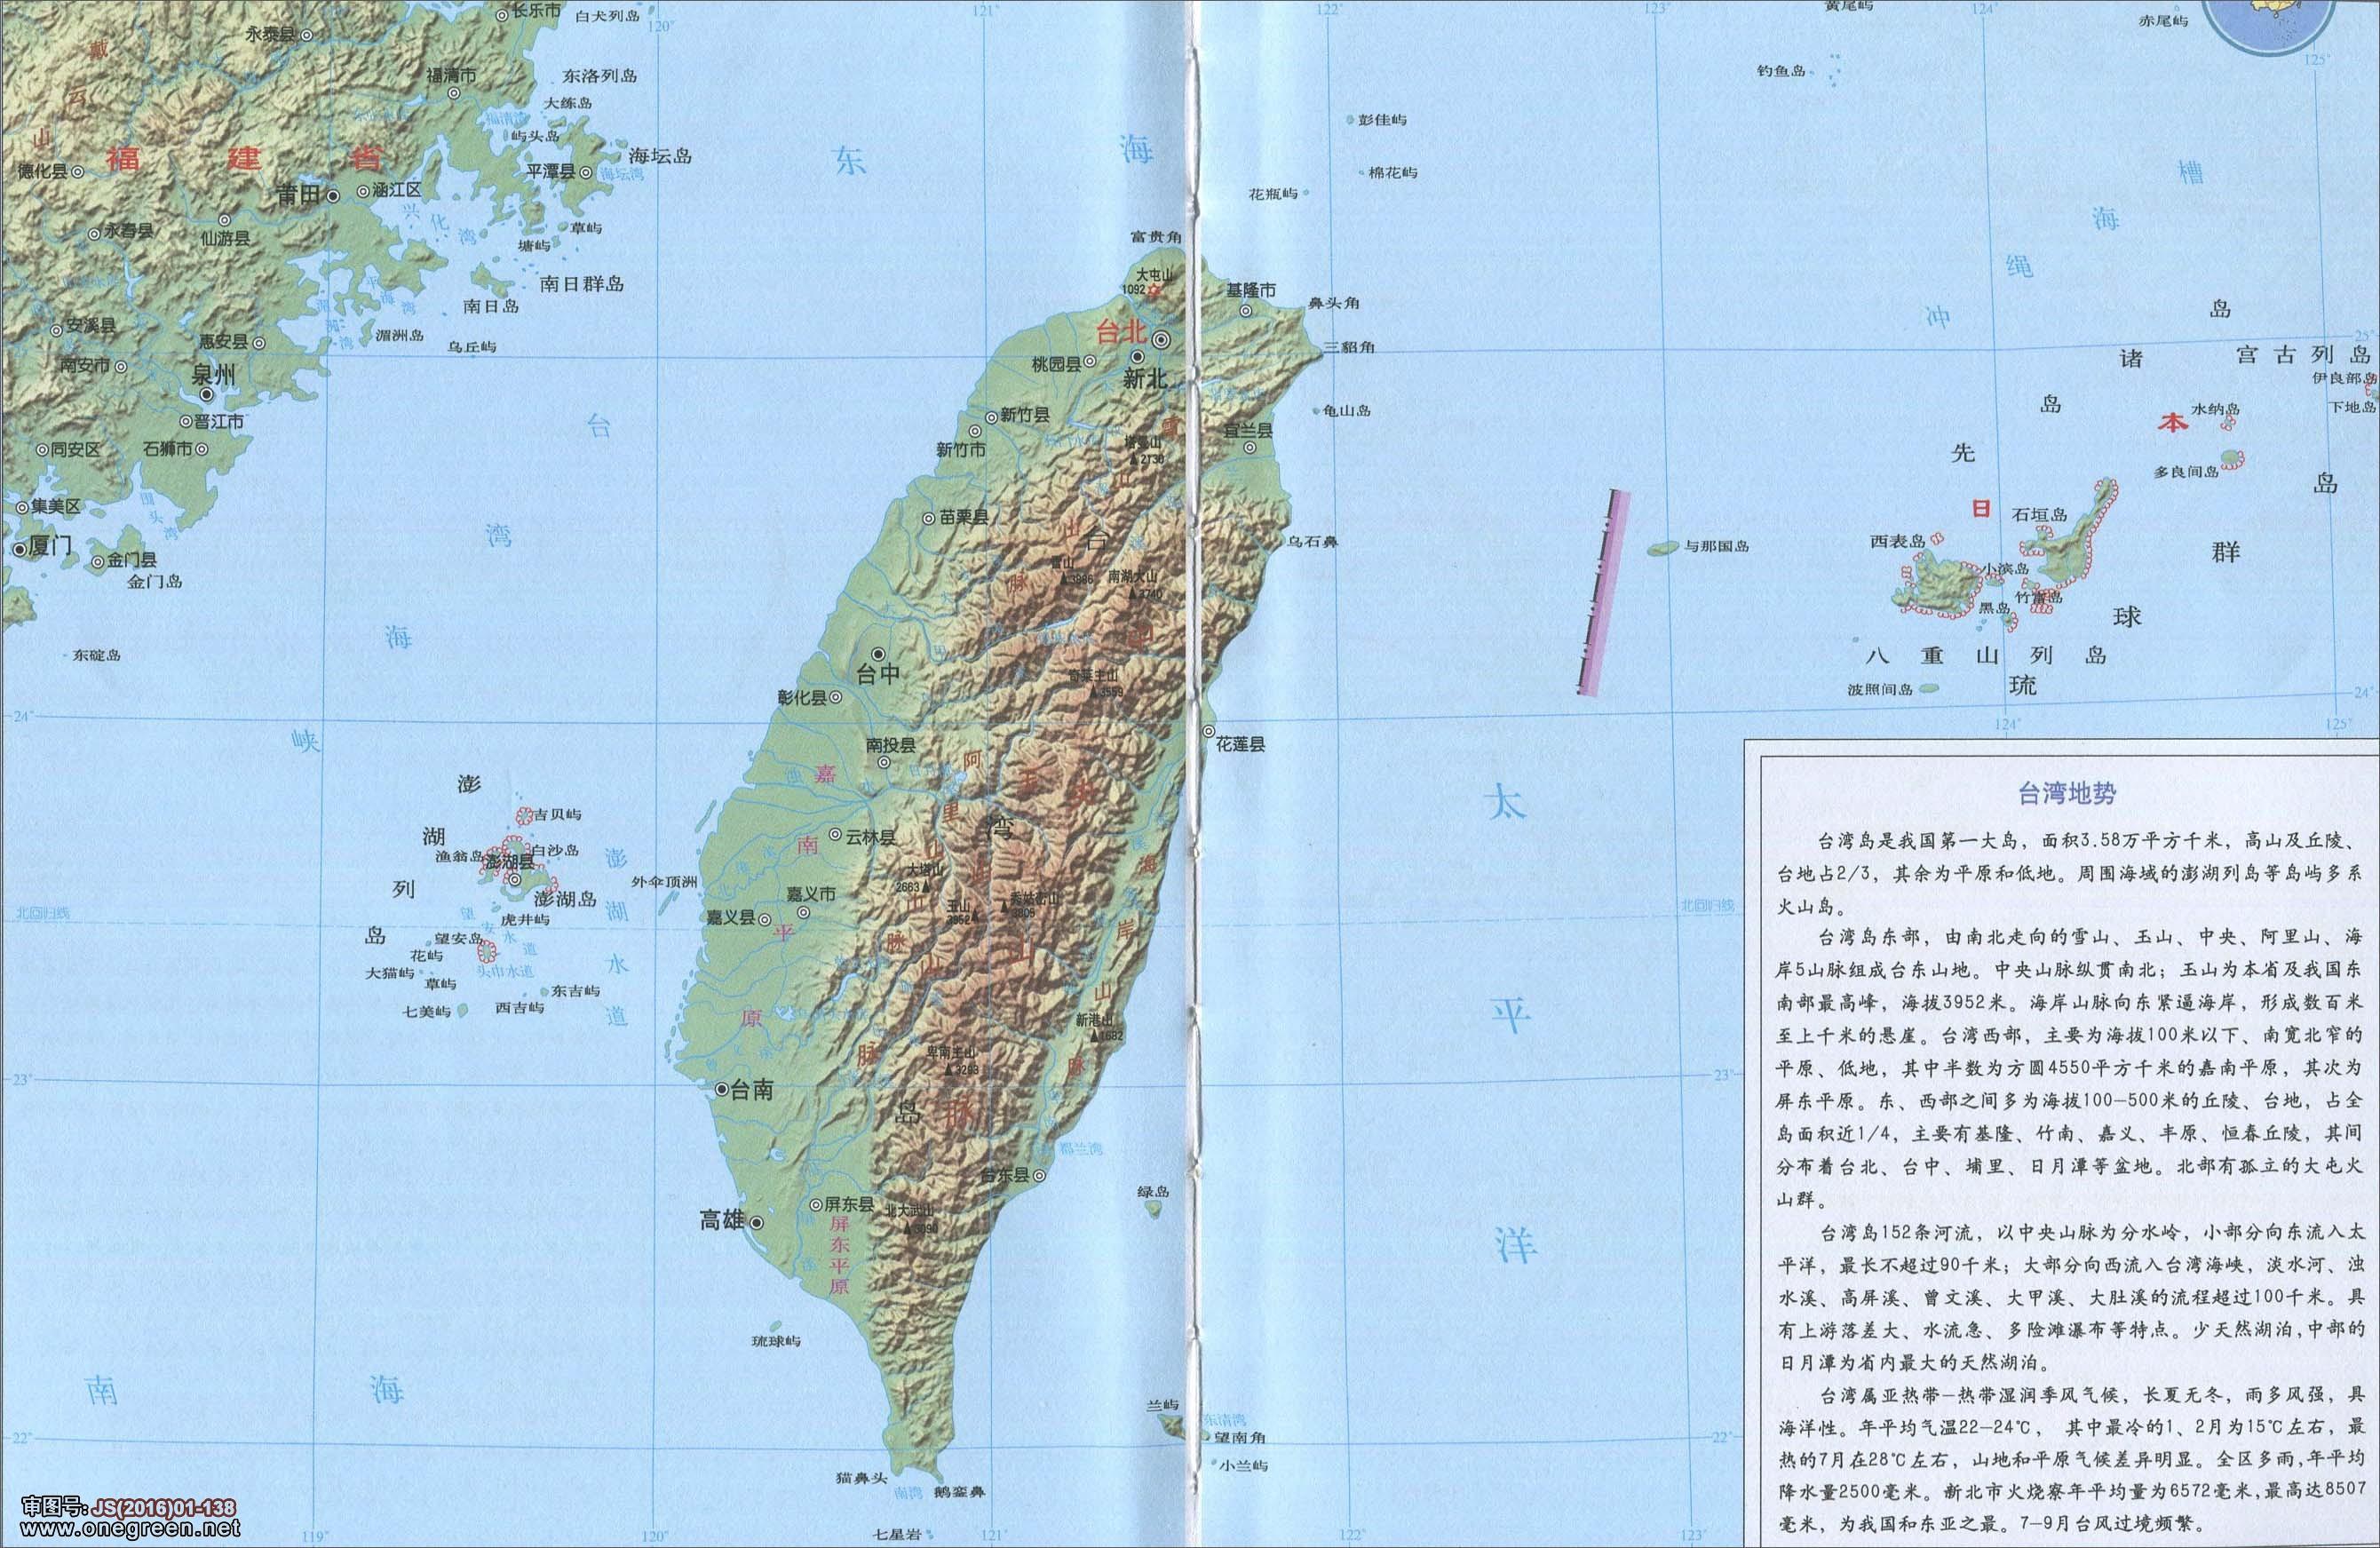 台湾地势图 - shufubisheng - 修心练身的博客